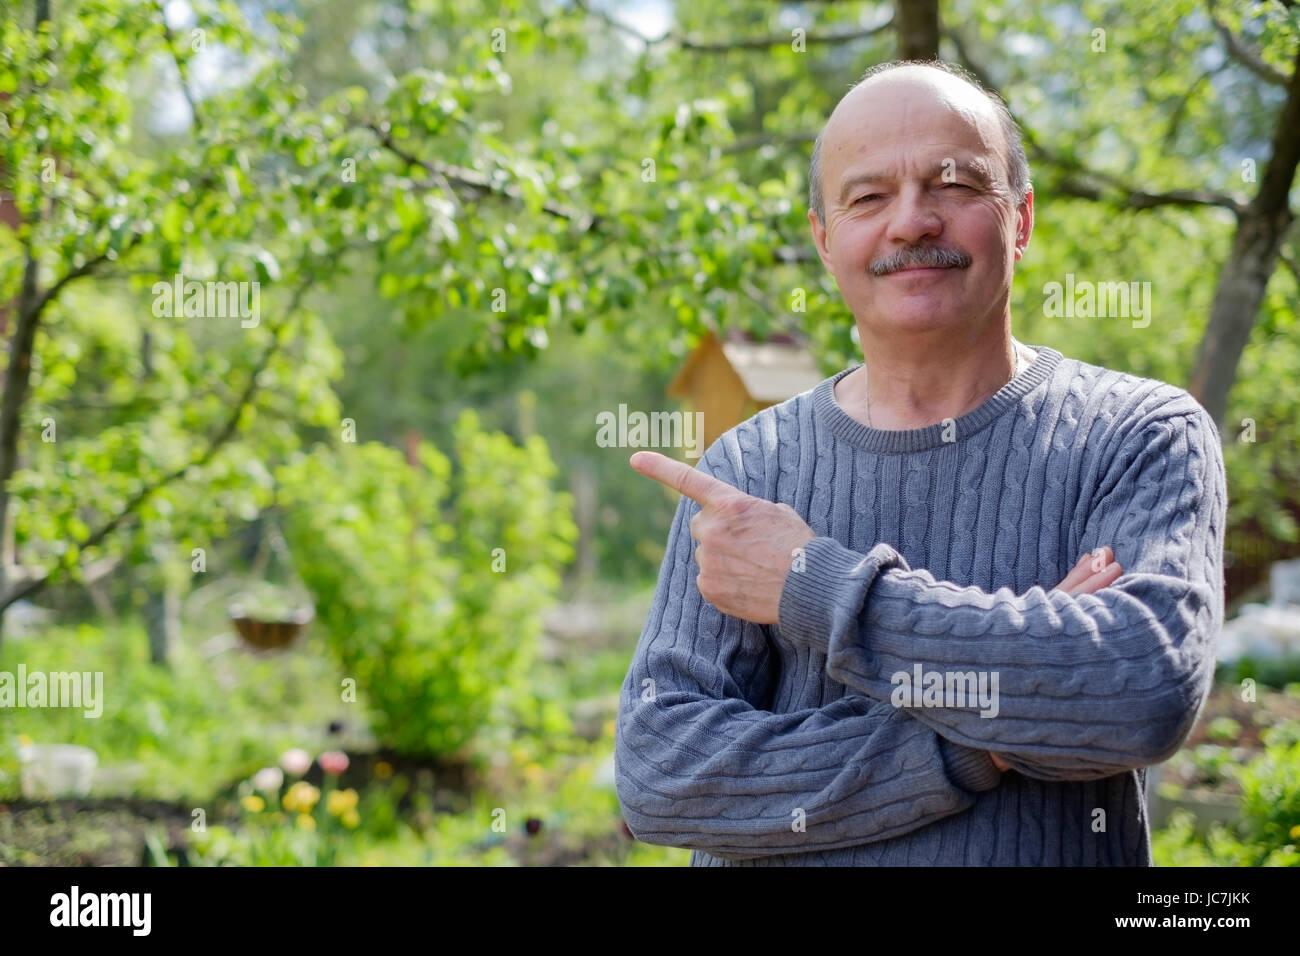 Hombre maduro, sentado en el jardín cerca de manzano en campo. Él muestra el dedo índice a un lado. Imagen De Stock